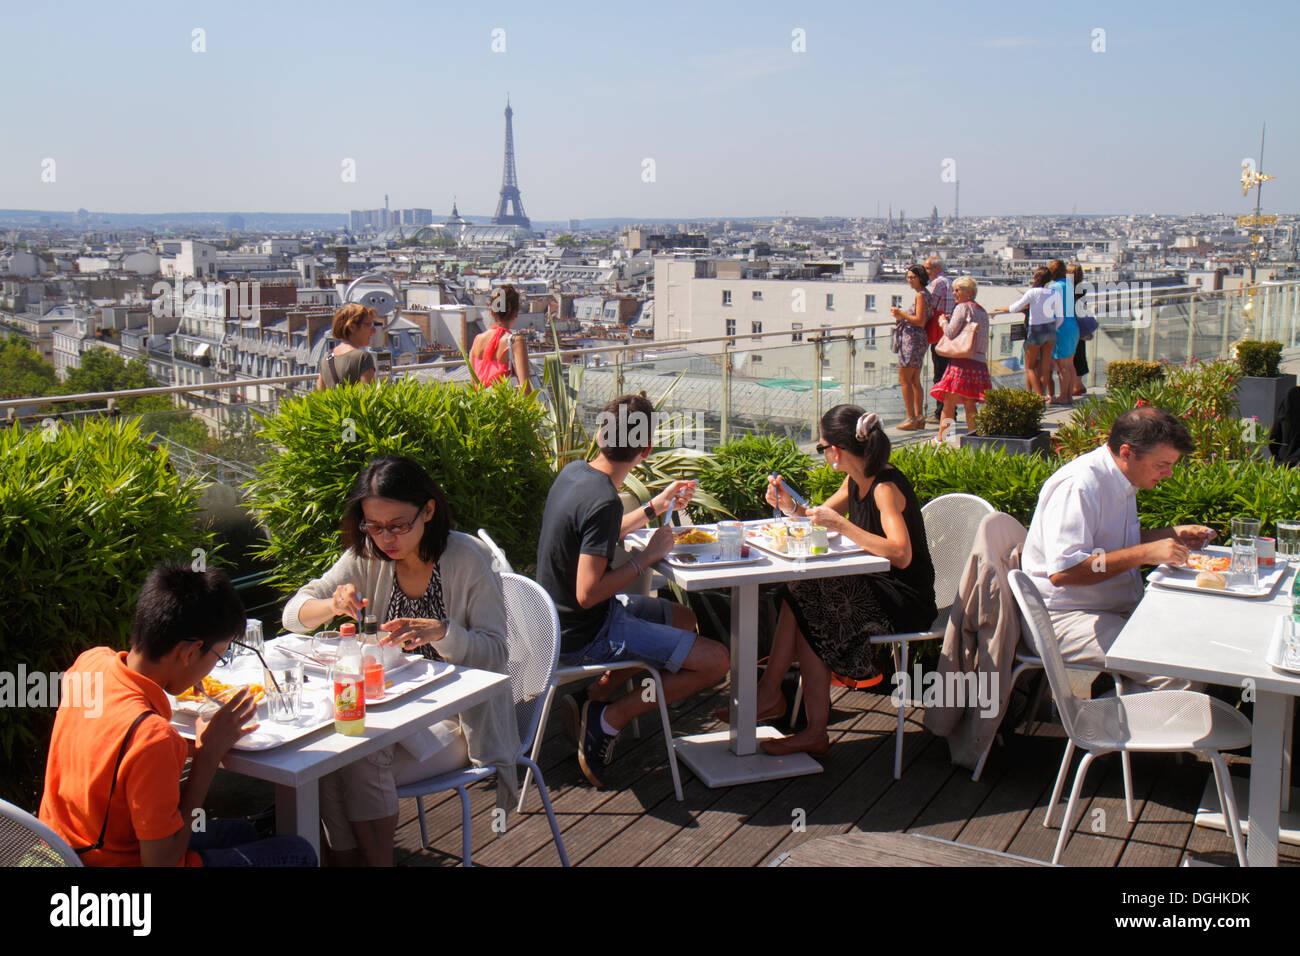 Paris France Europe French 9th arrondissement Boulevard Haussmann Au Printemps department store rooftop terrace Stock Photo